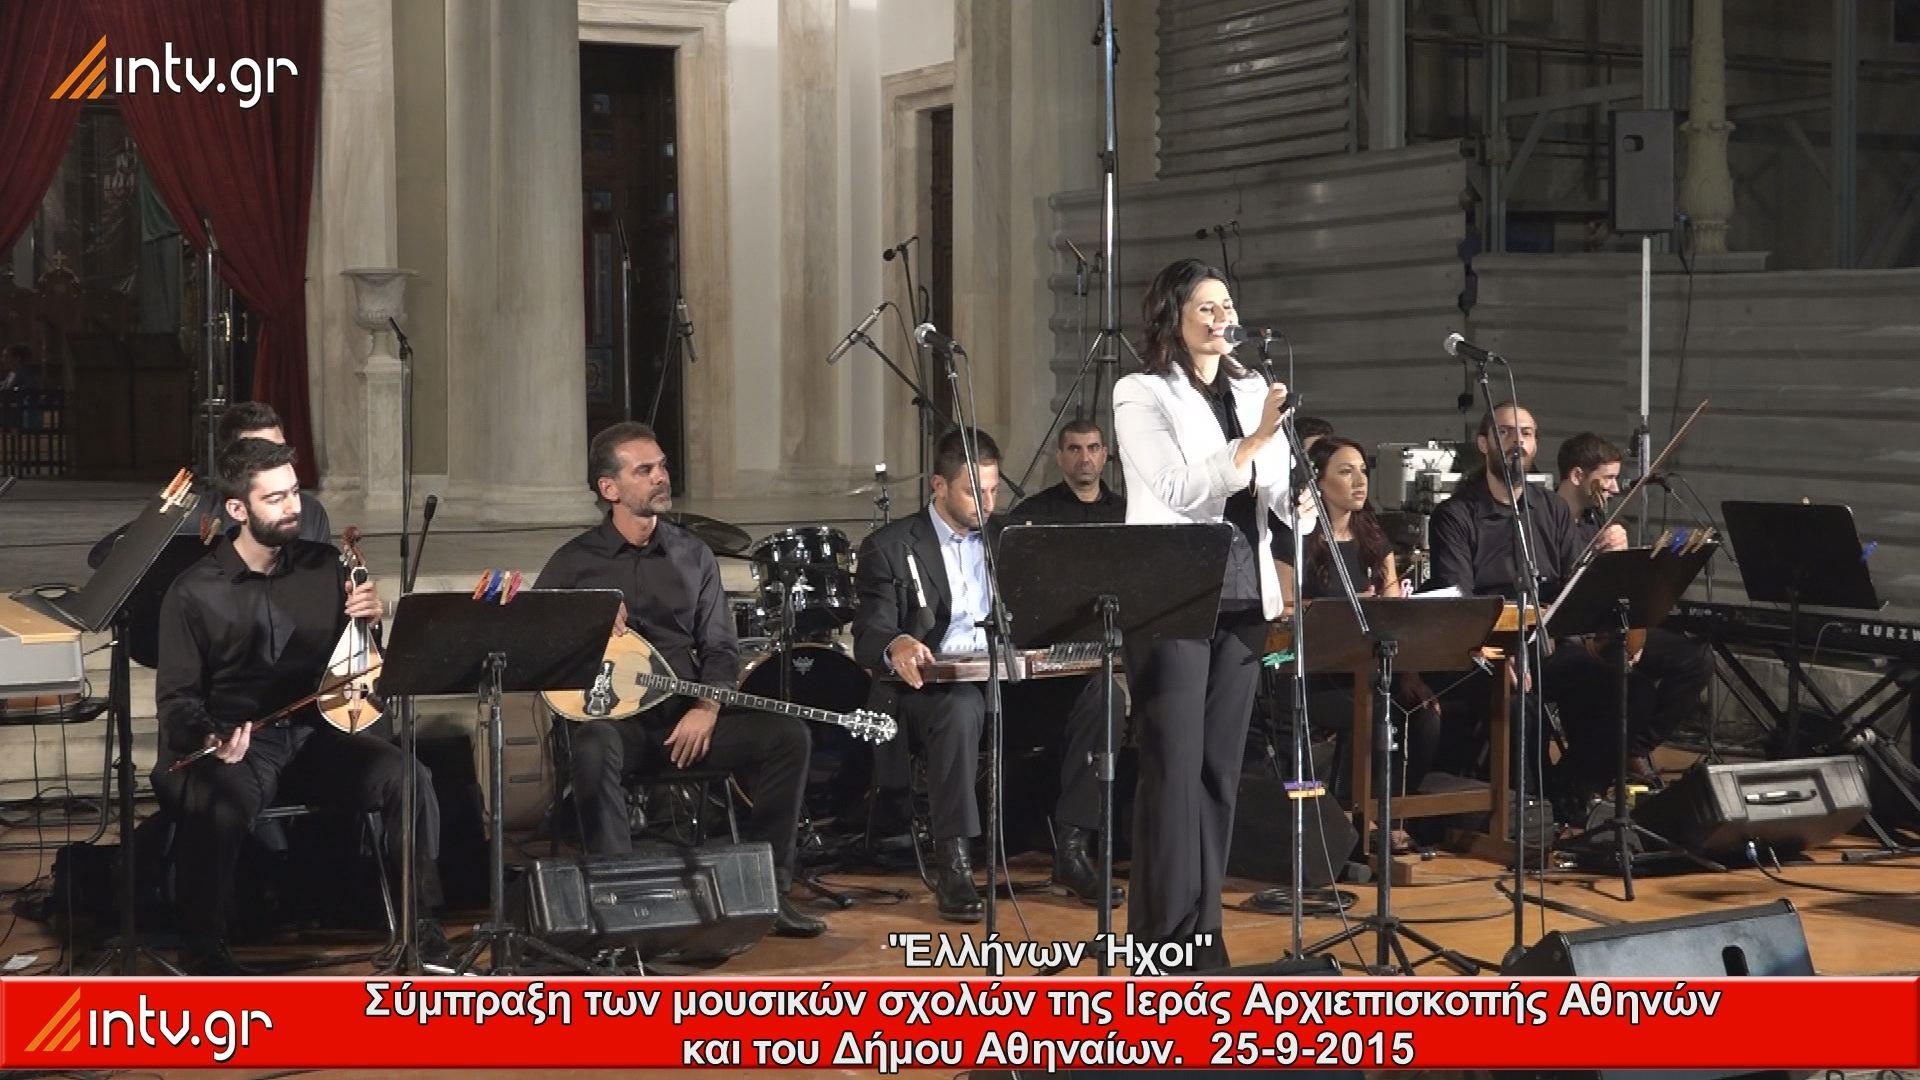 """""""Ελλήνων Ήχοι""""  Σύμπραξη των μουσικών σχολών της Ιεράς Αρχιεπισκοπής Αθηνών  και του Δήμου Αθηναίων."""